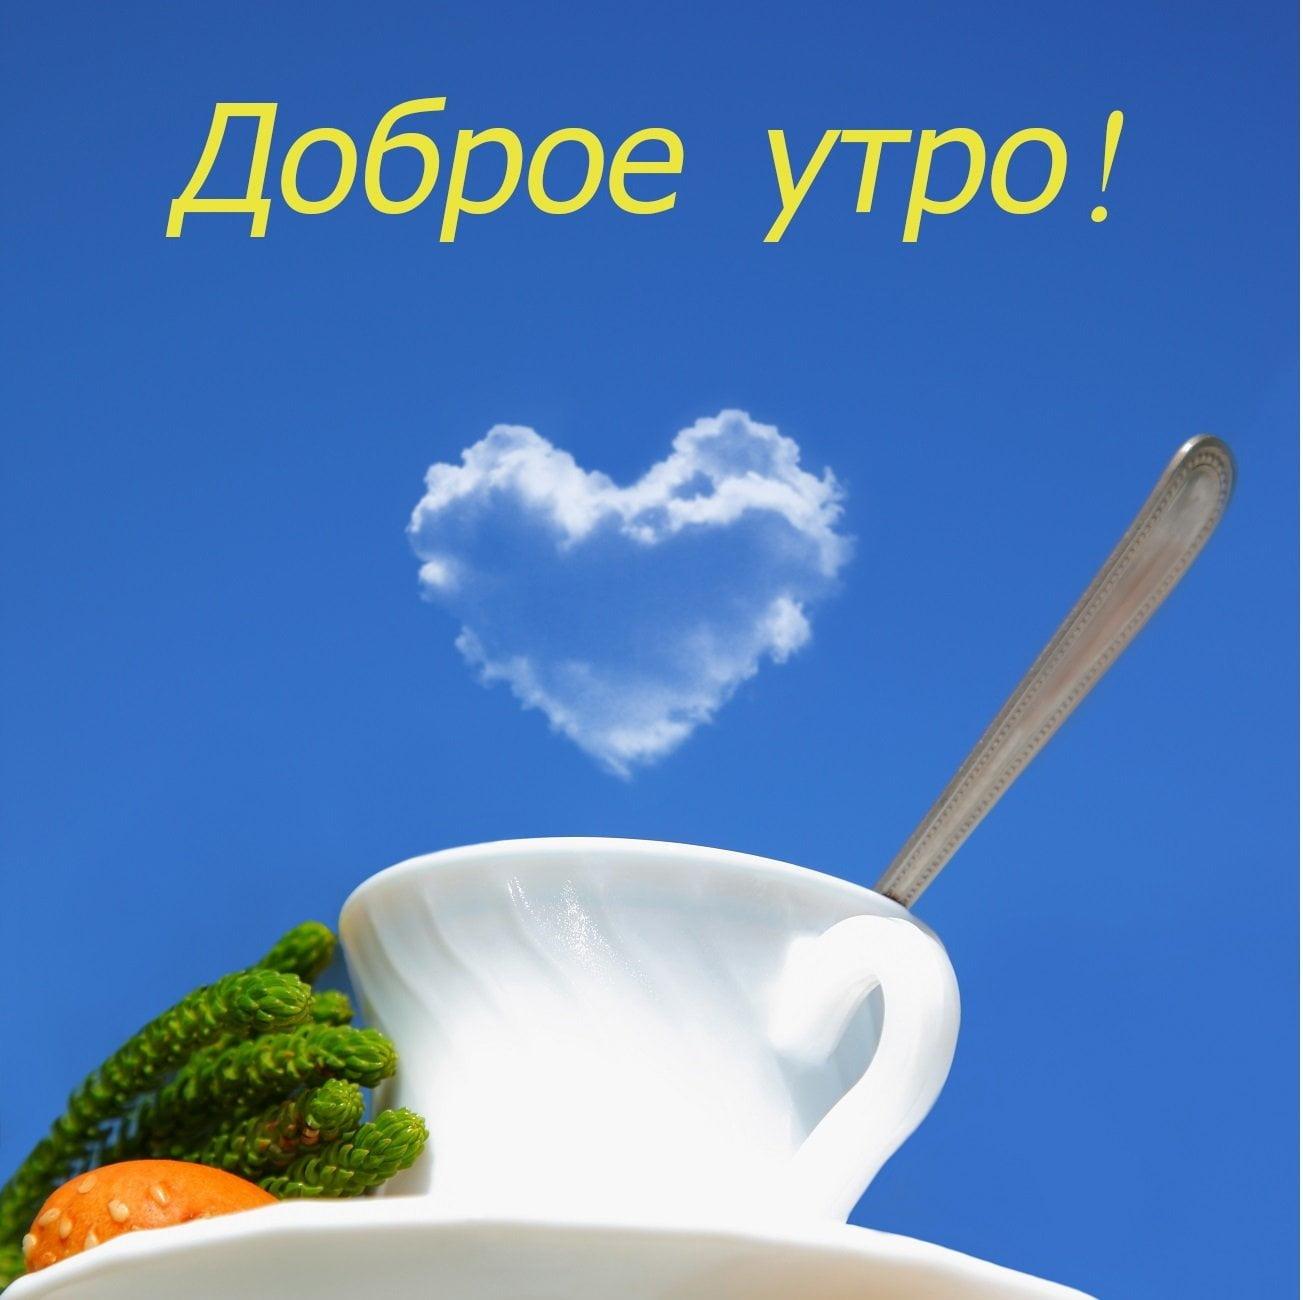 Позитивные картинки с добрым утром для поднятия настроения (19)